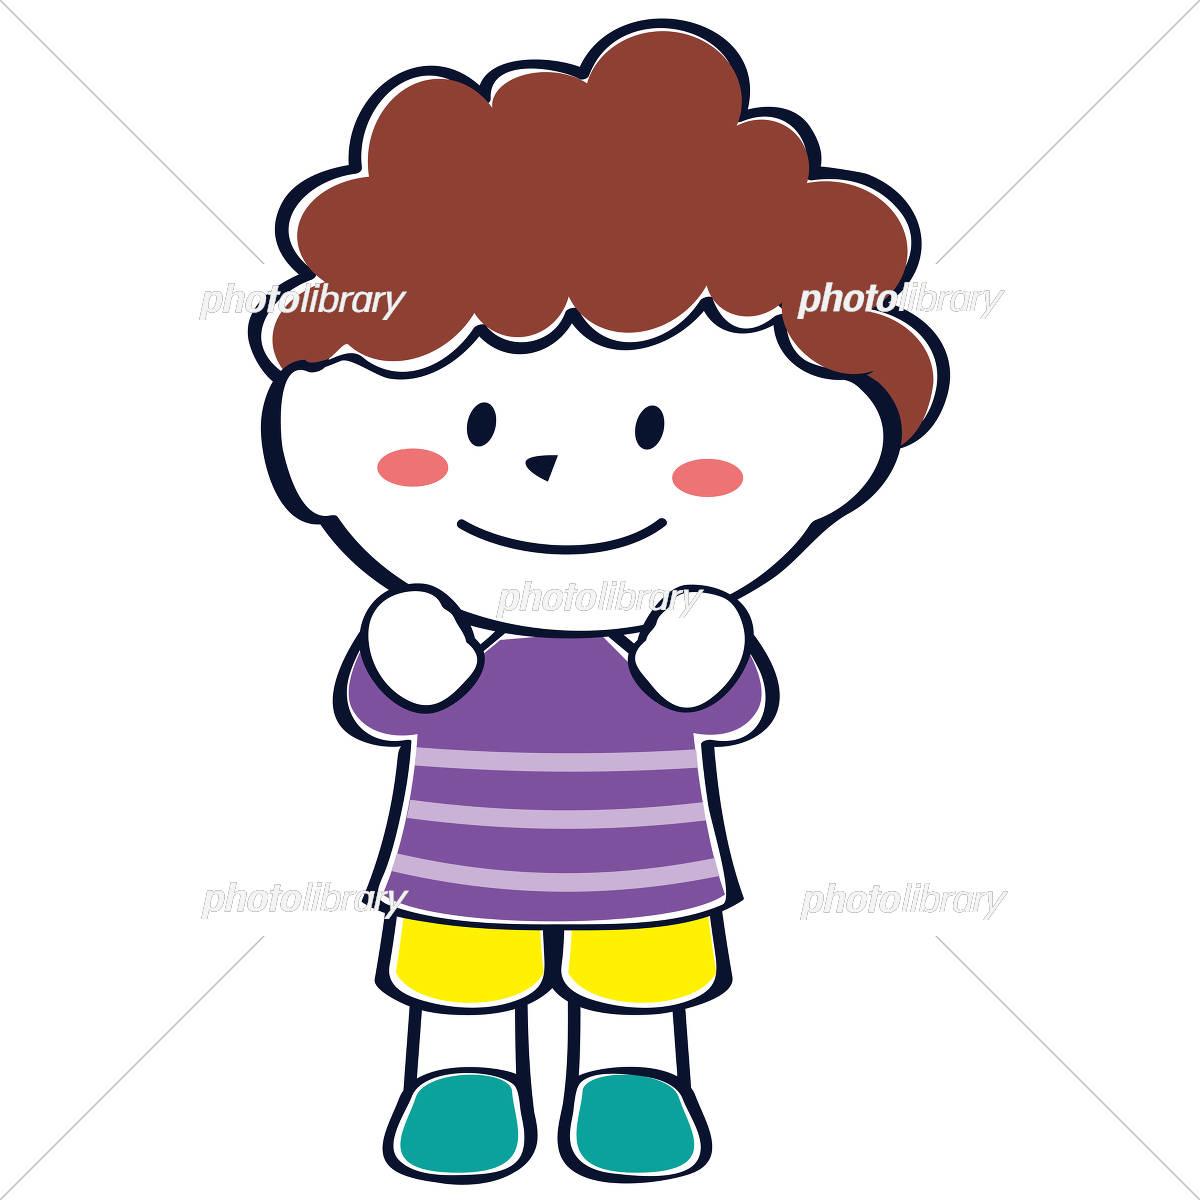 かわいい子供 児童 笑顔 わくわく男の子 イラスト素材 4552413